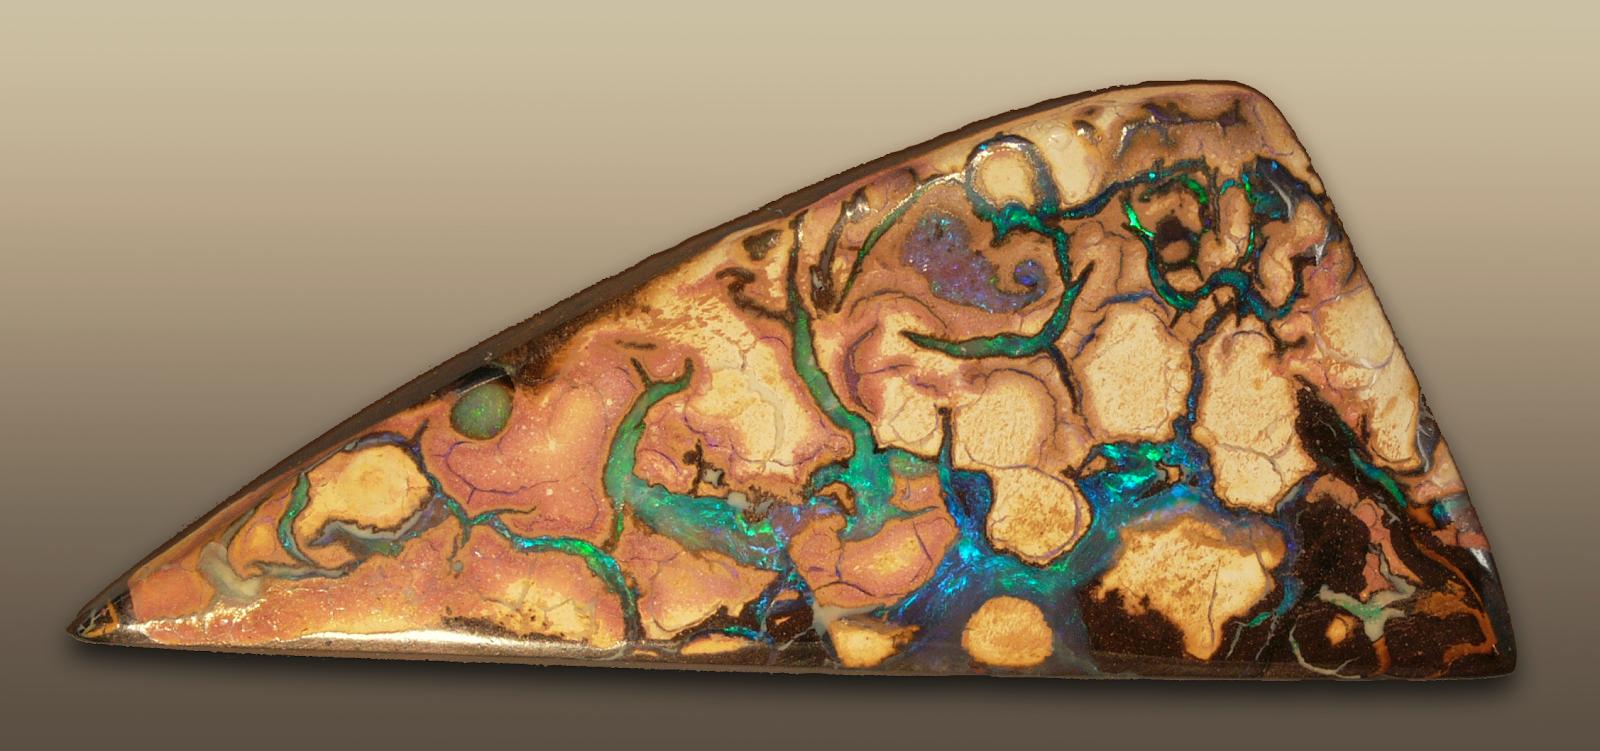 """""""Opal Australia"""" by Hannes Grobe / CC BY-SA 2.5"""